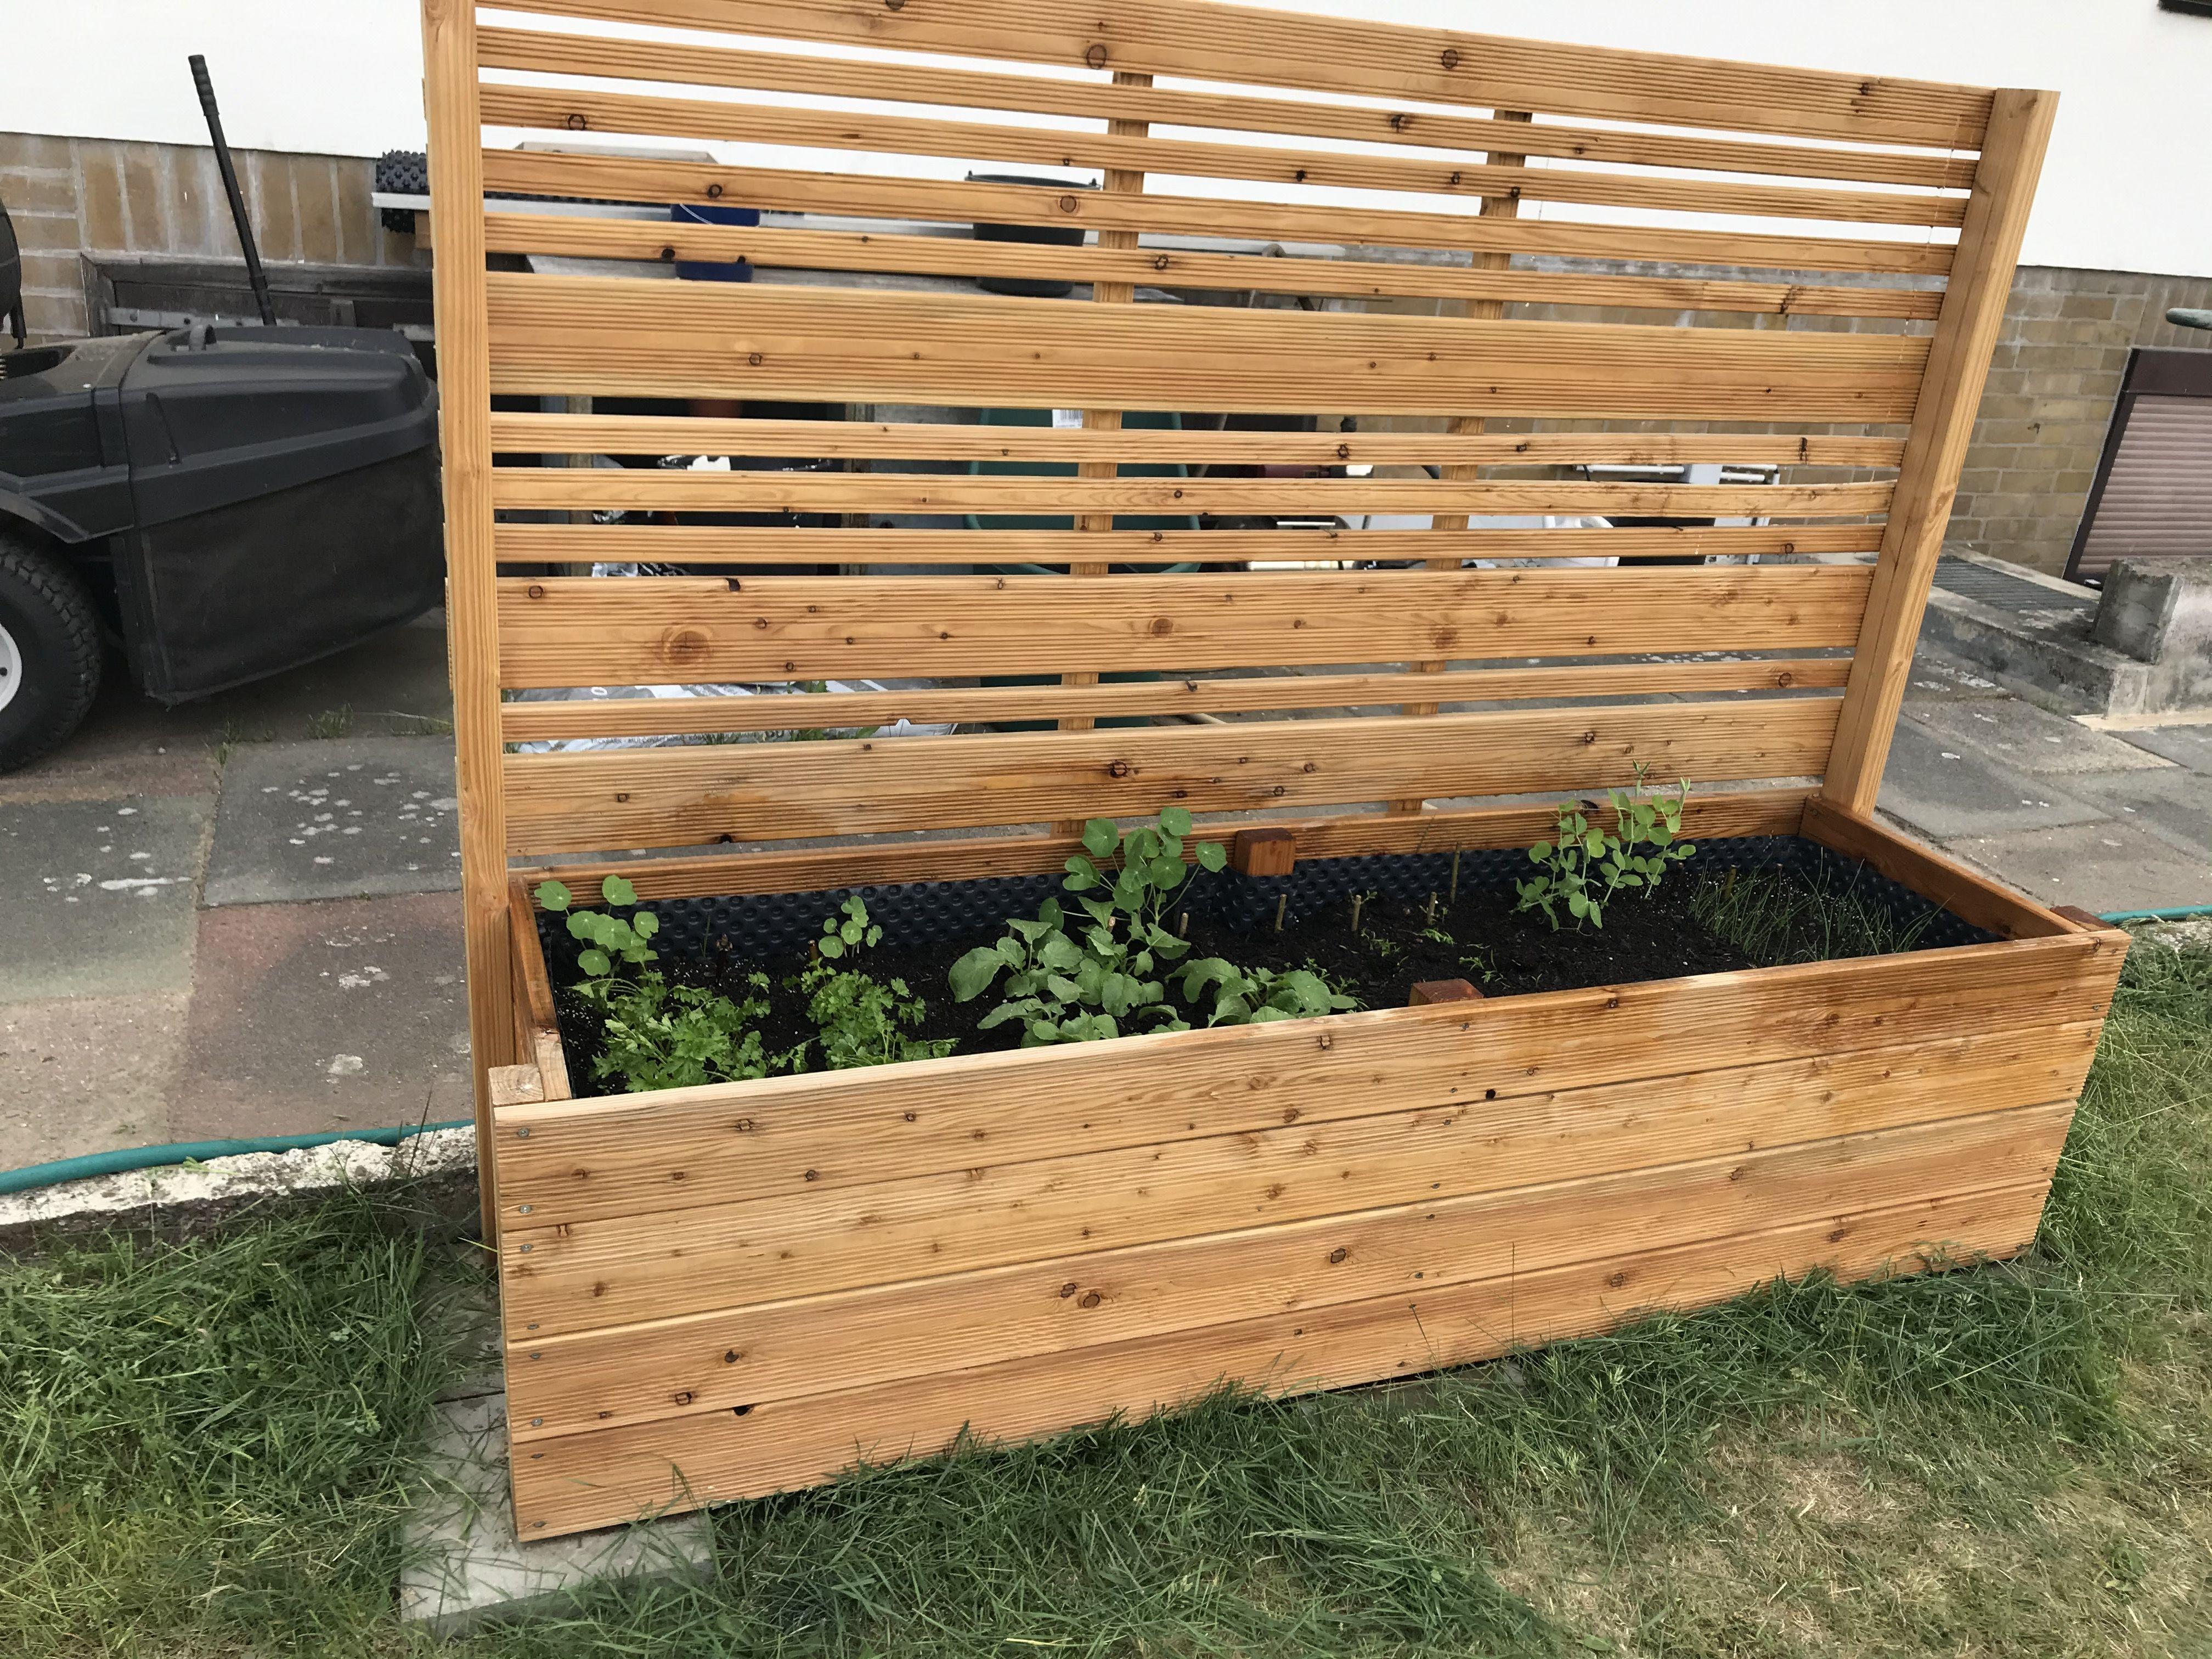 Hochbeet Mit Sichtschutz In 2020 Hochbeet Garten Sichtschutz